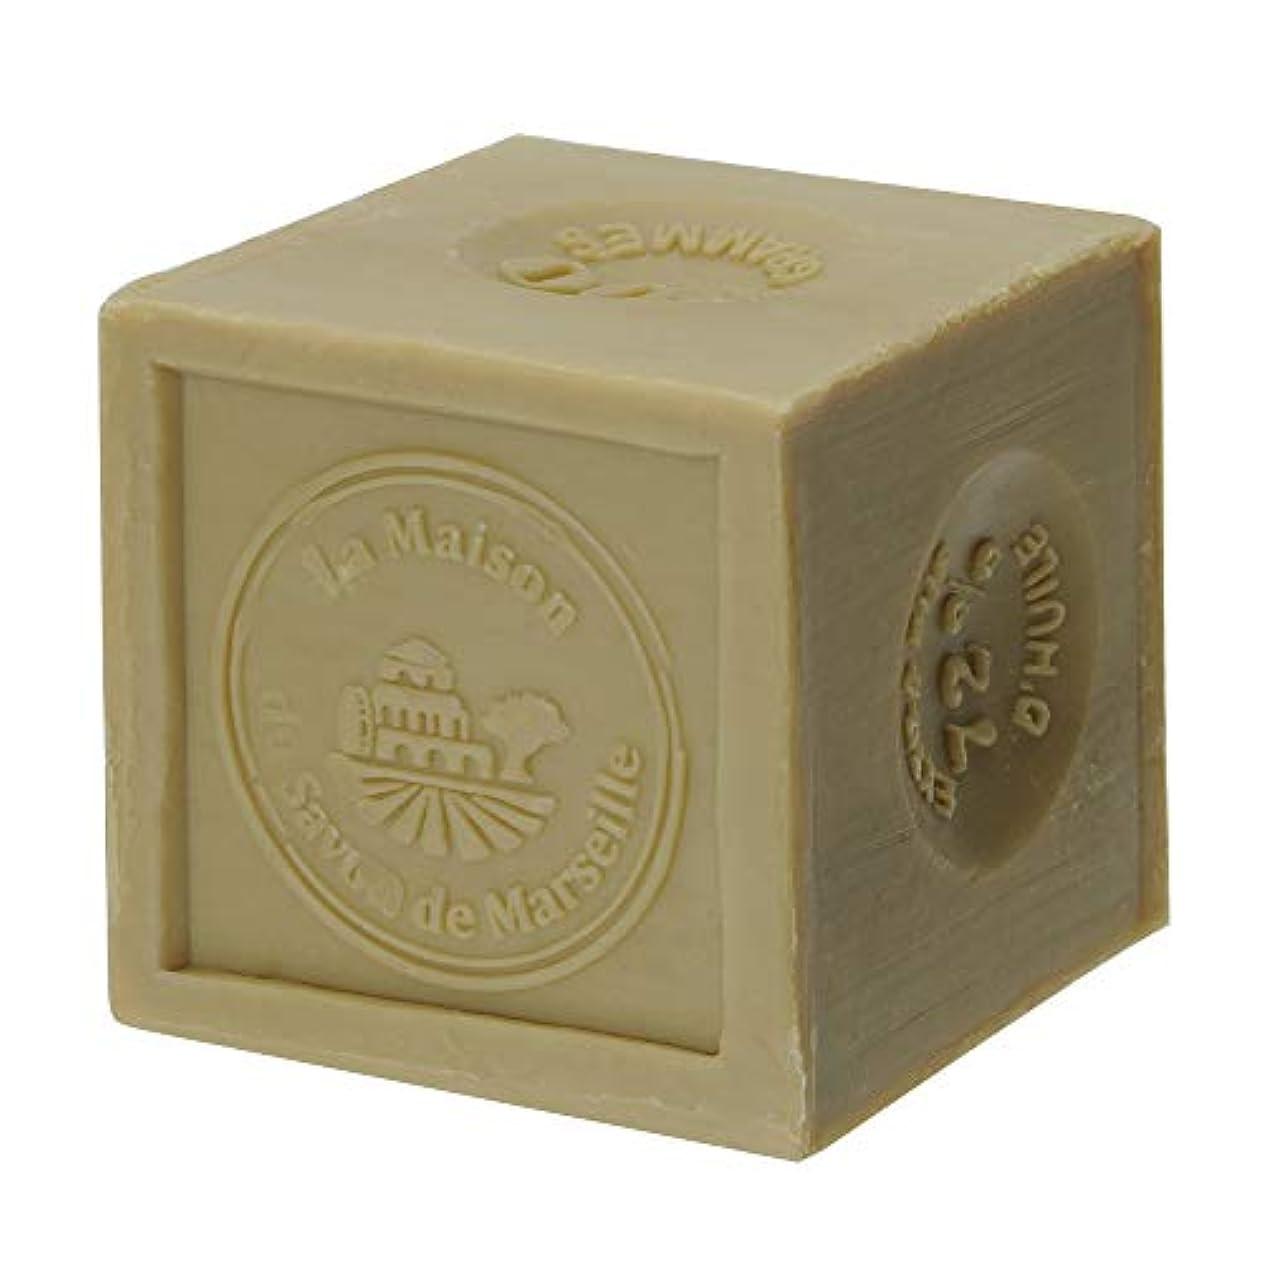 顕著ライセンス計算ノルコーポレーション マルセイユ石鹸 オリーブ UPSM認証マーク付き 300g MLL-3-1